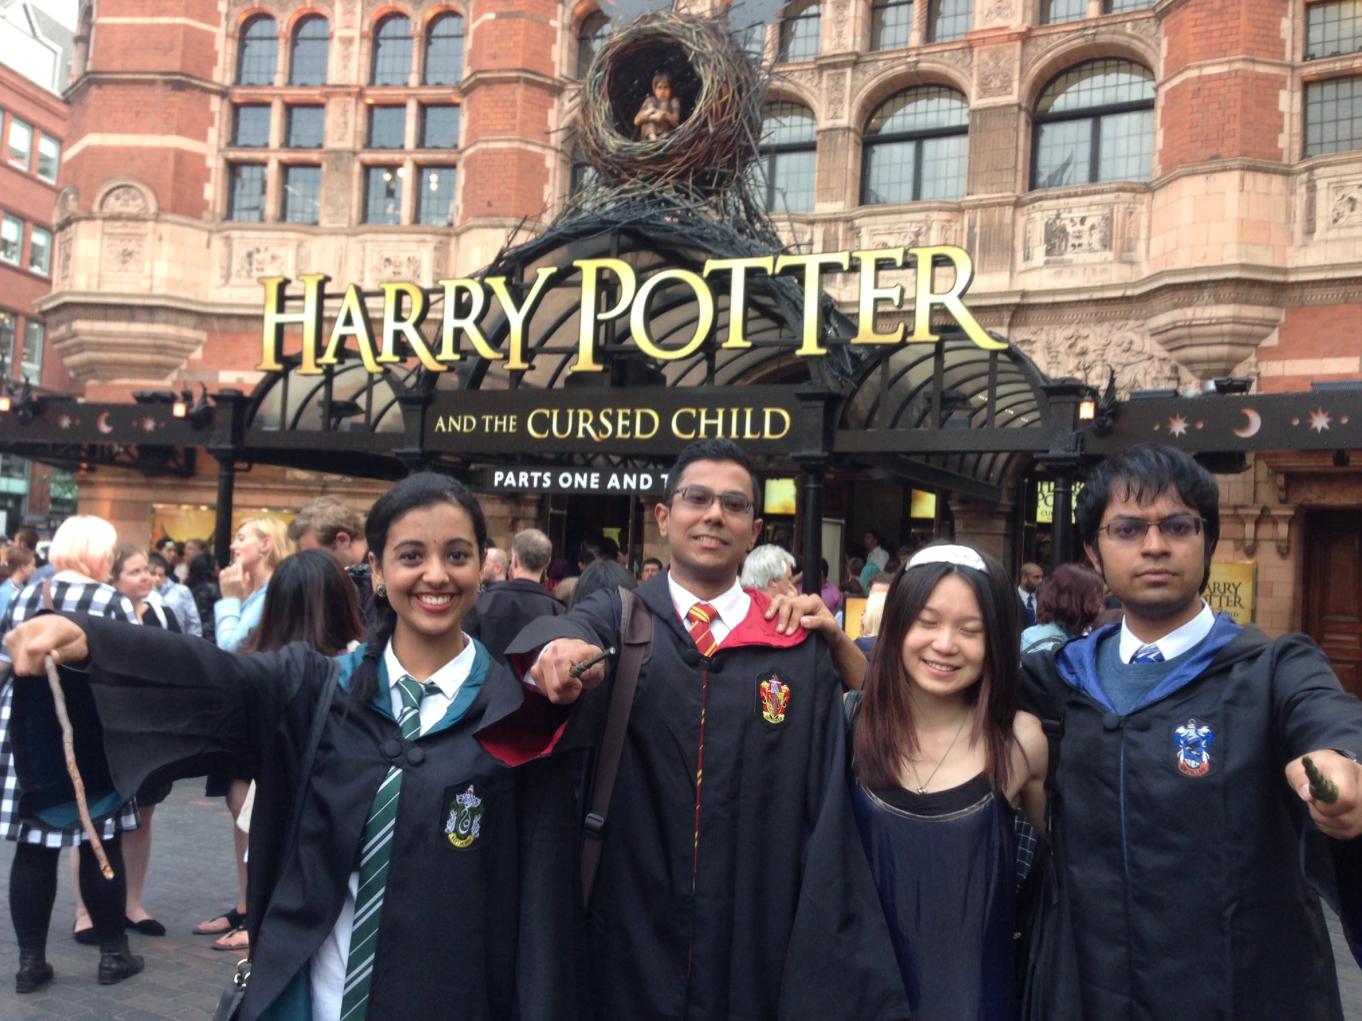 Harry-Potter-Enfant-Maudit-Theatre-6